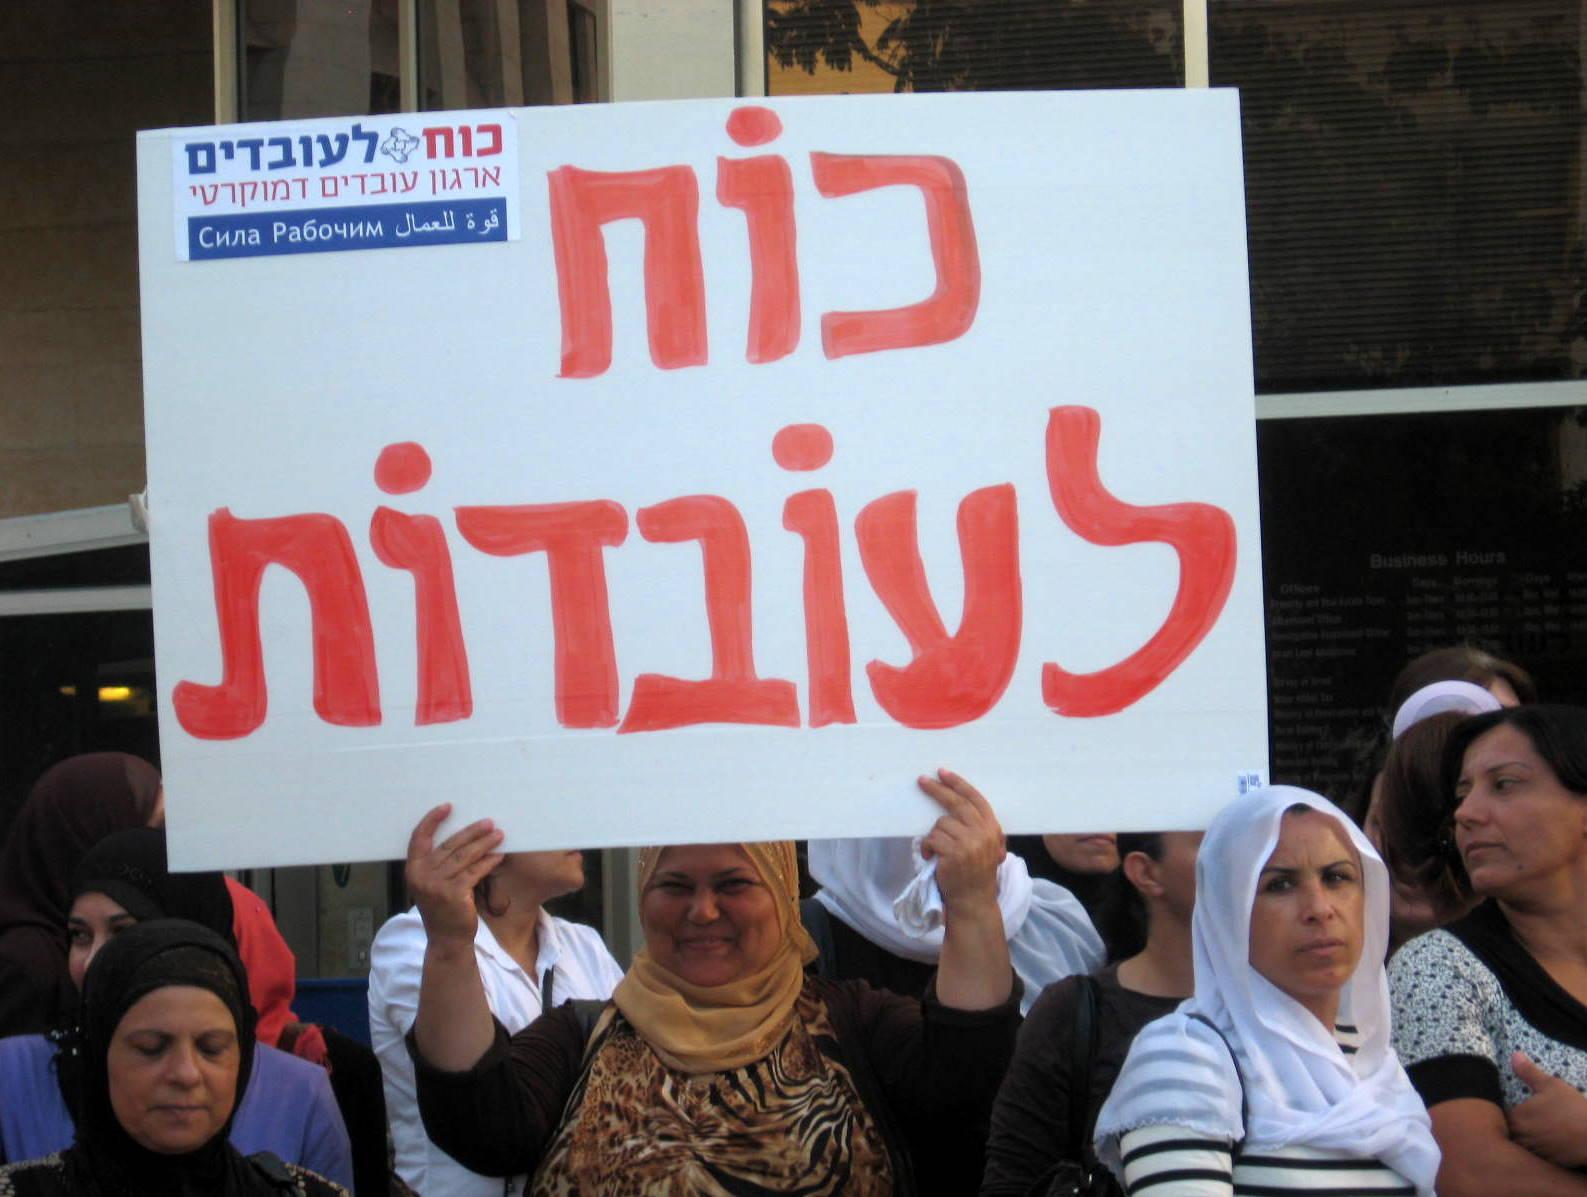 הפגנה משותפת של תושבי שכונות הדרום ויפו מול ביתו של ראש העיר חולדאי, ינואר 2008